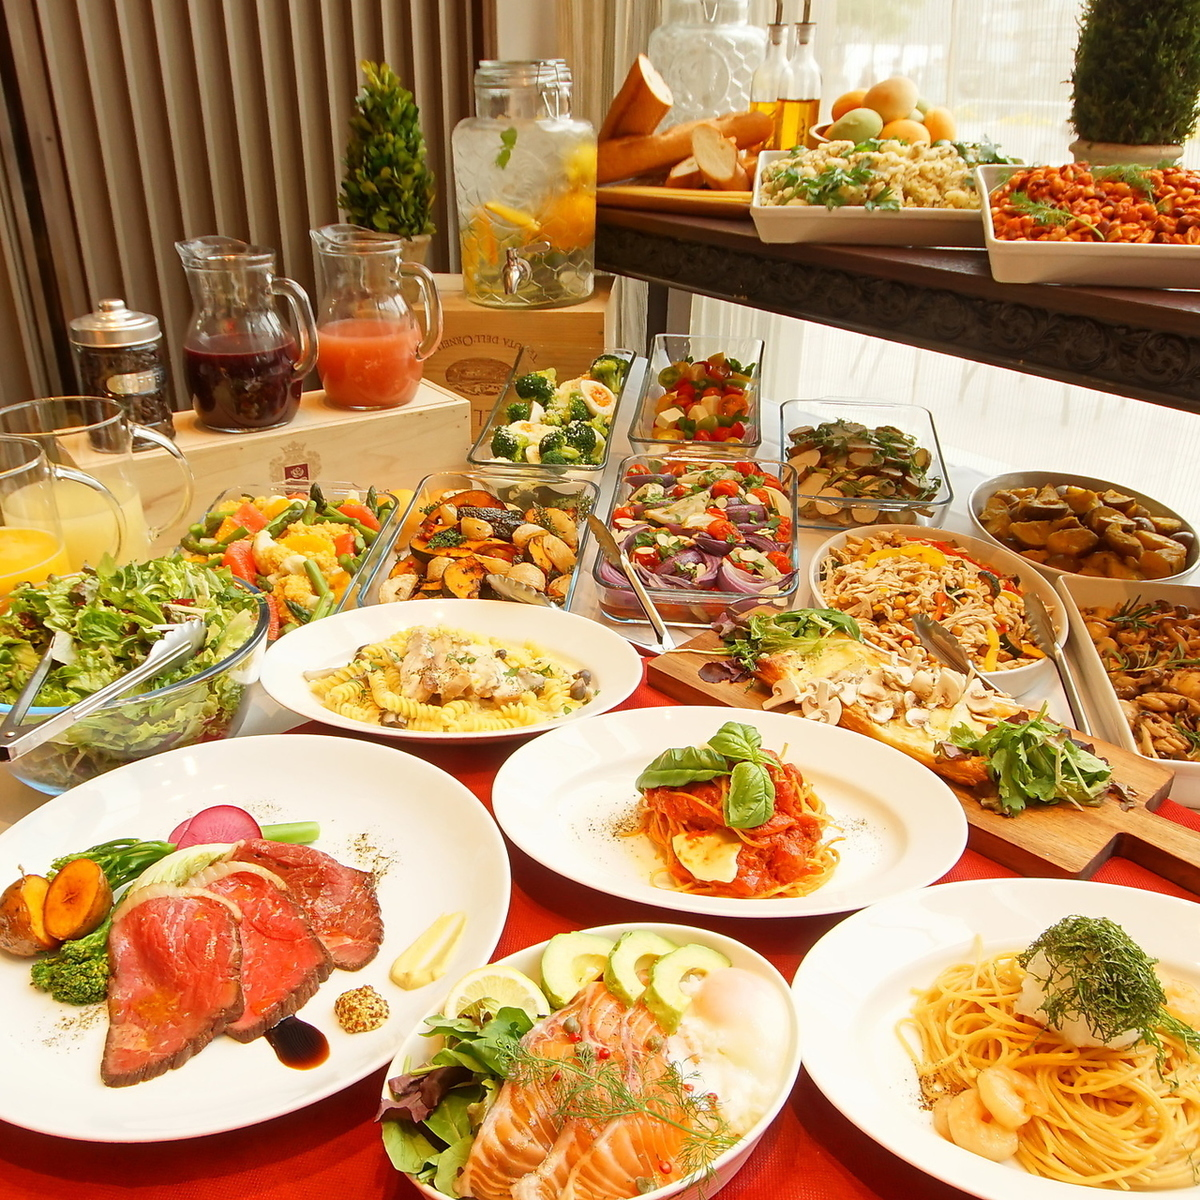 【平日午餐】主要选择每隔一周更换一次!请与时令食材共进午餐!